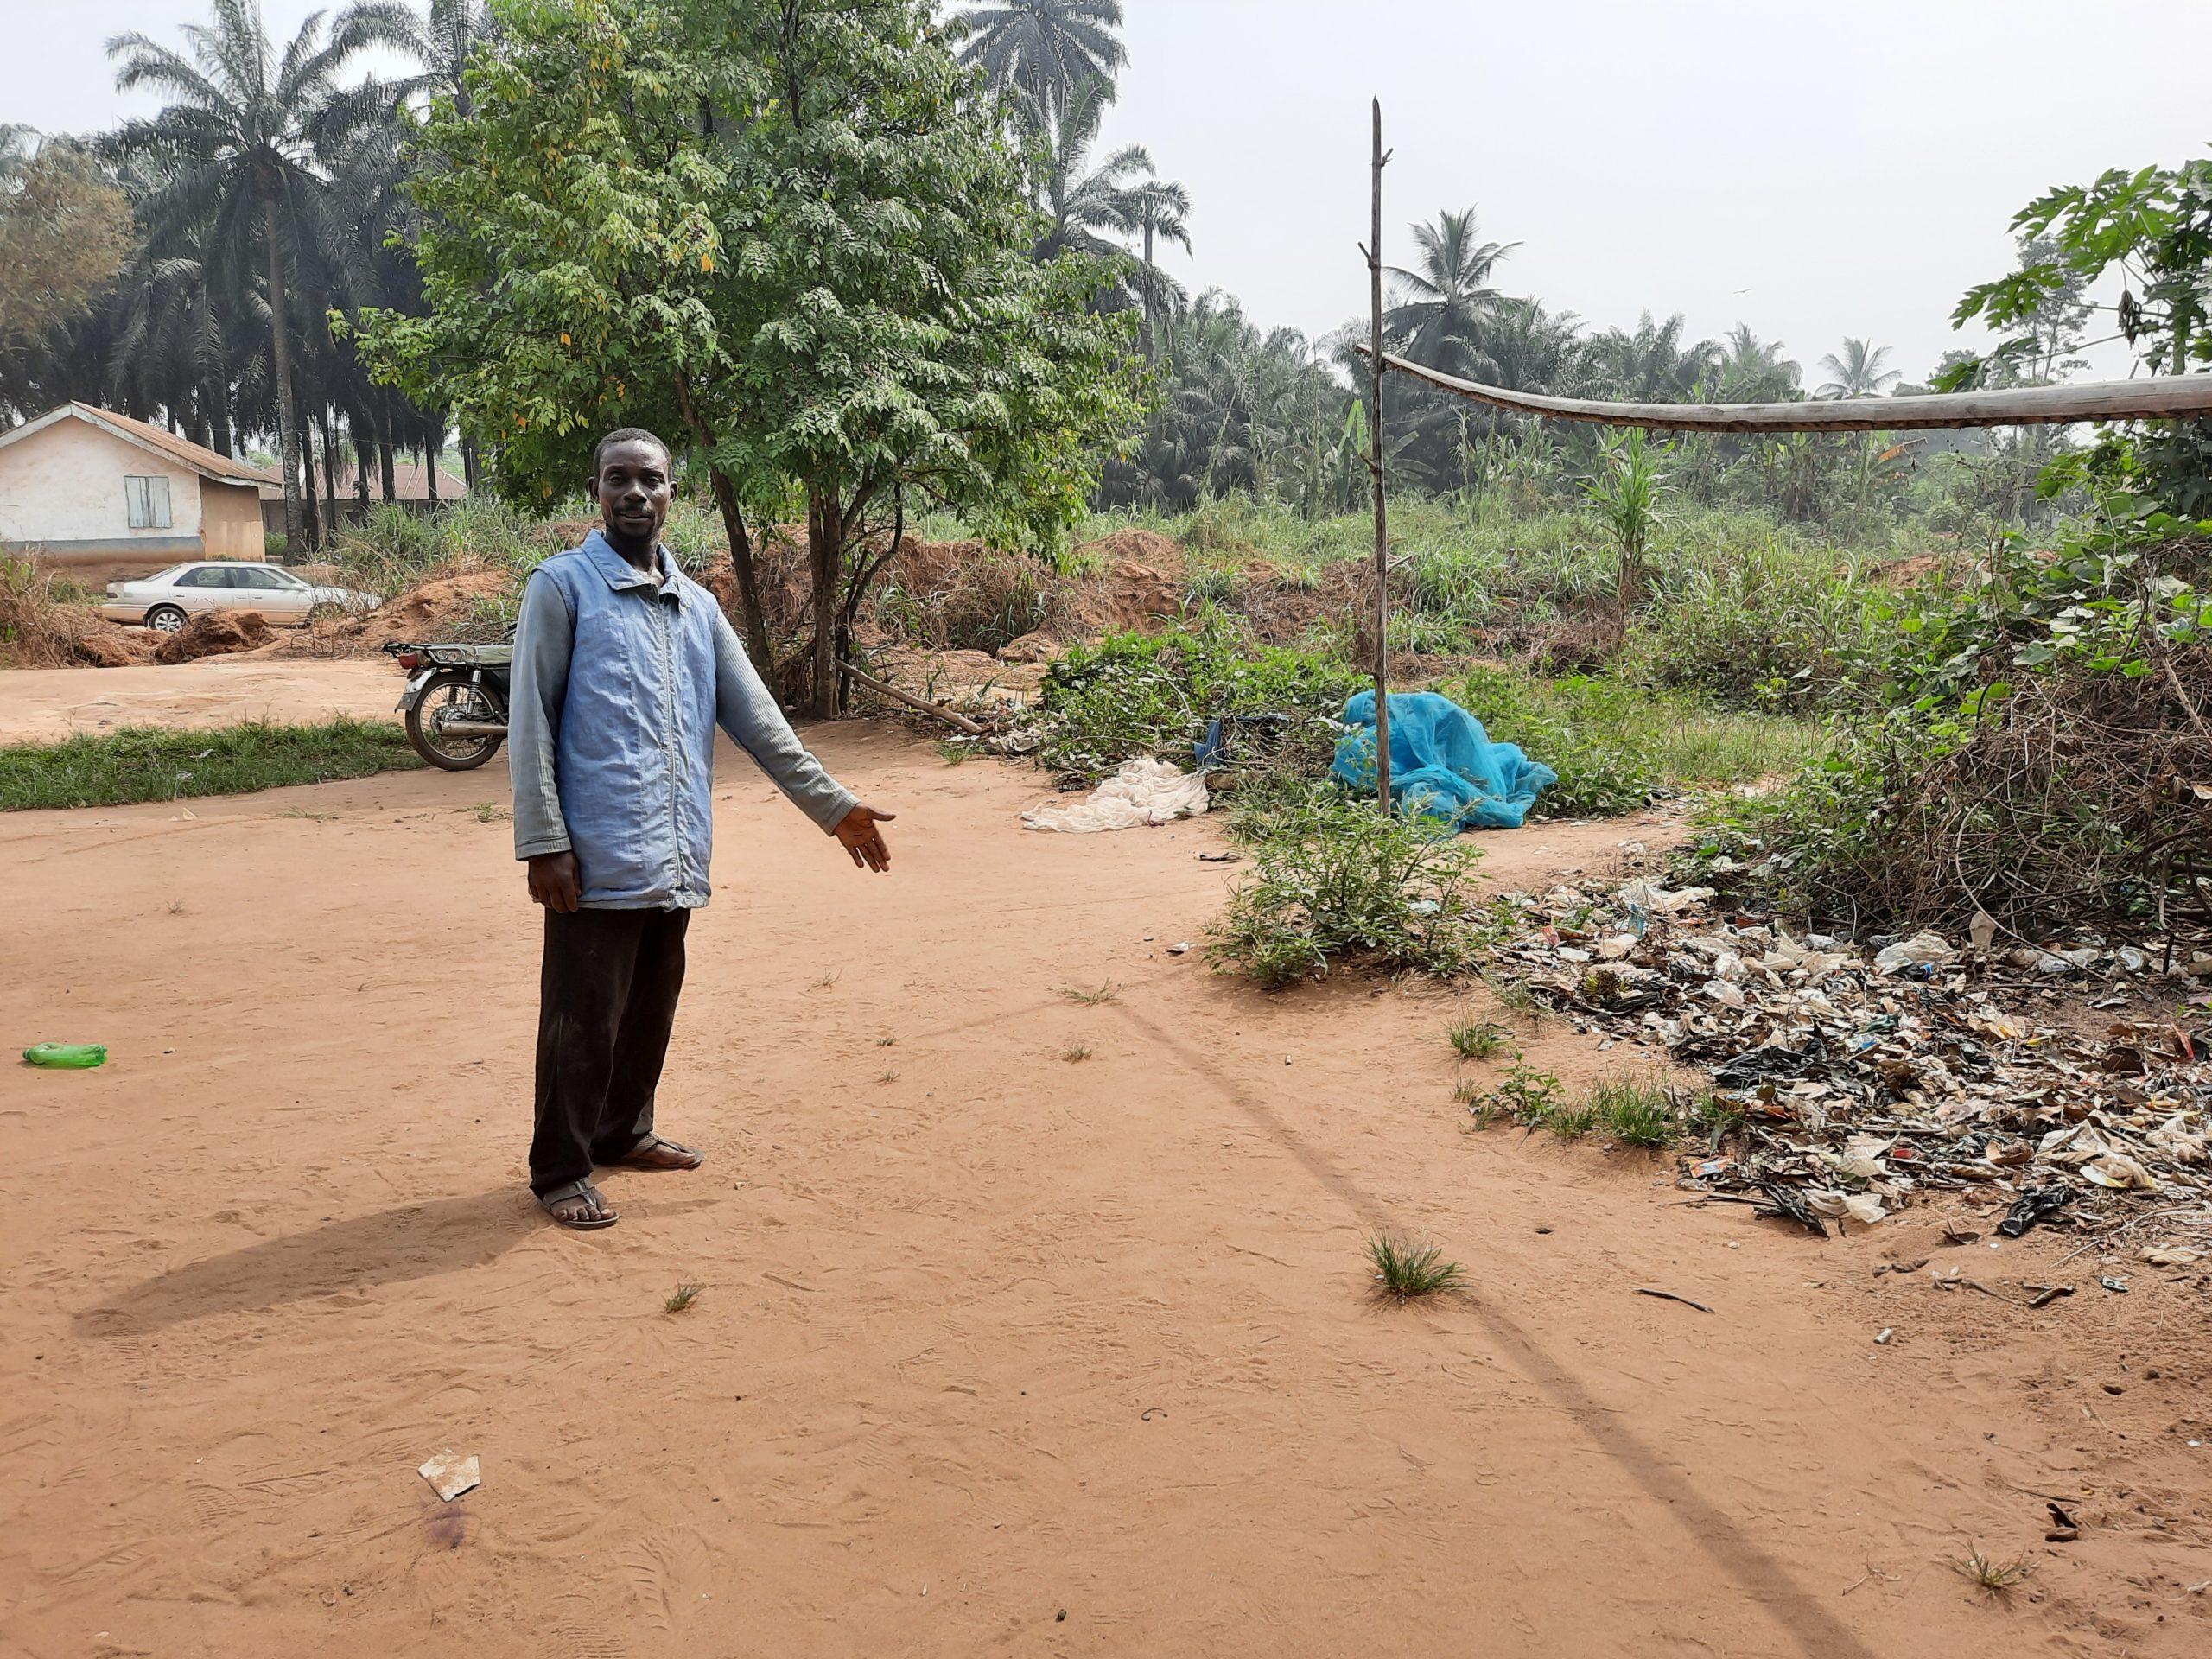 Onyekaonwu pointing to exact spot Onyedikachi was killed